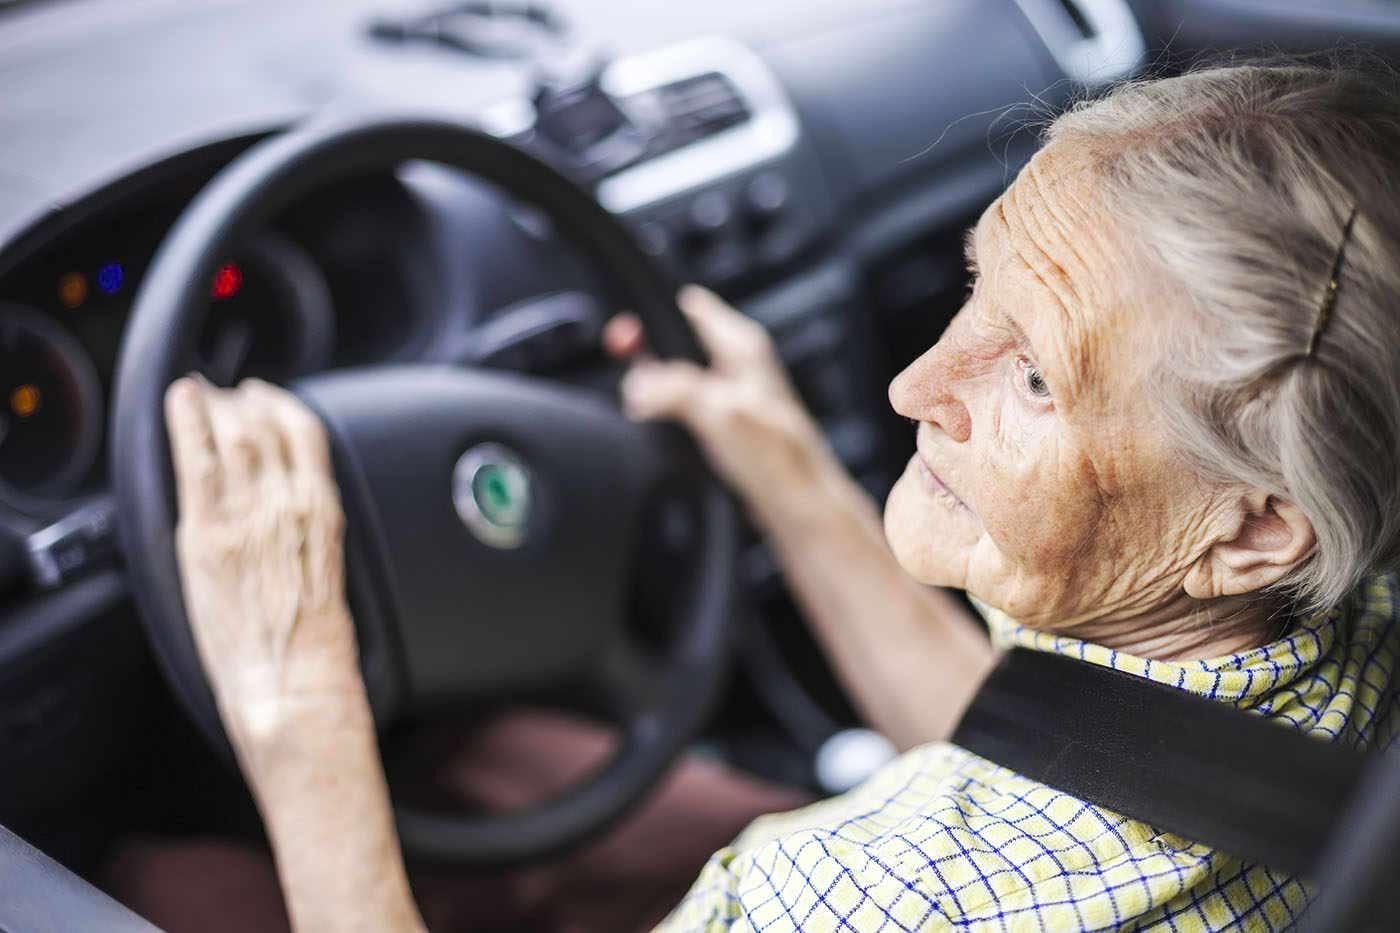 Boala Alzheimer ar putea fi detectată în felul de a șofa [studiu]